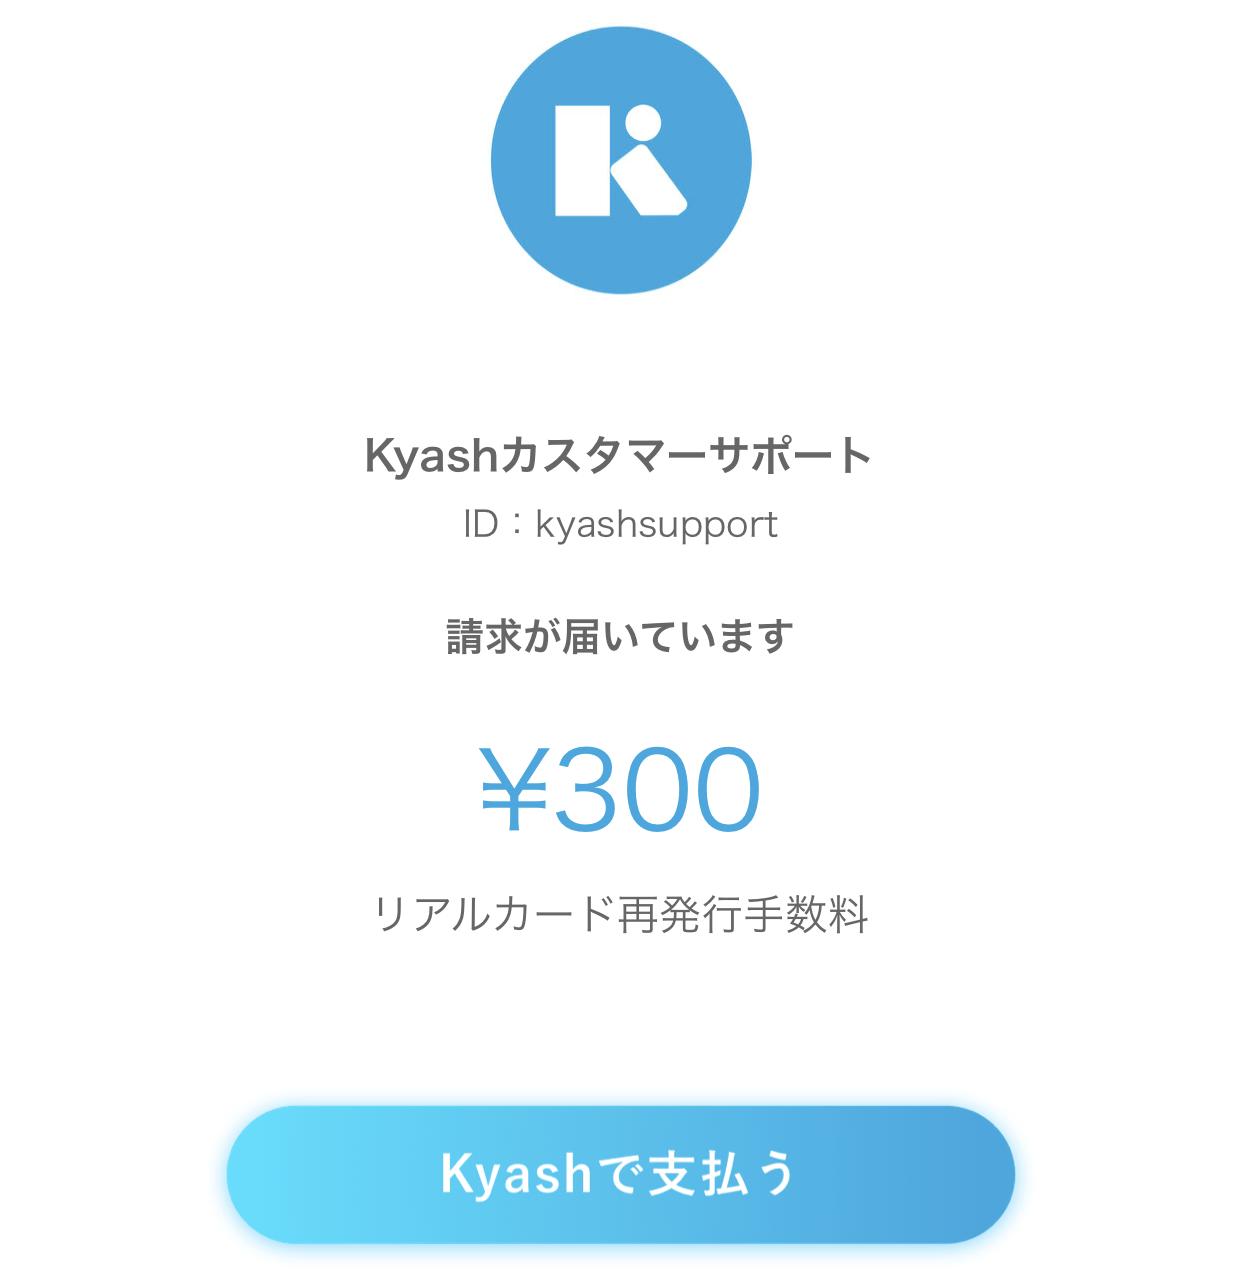 Kyash funshitsu 04